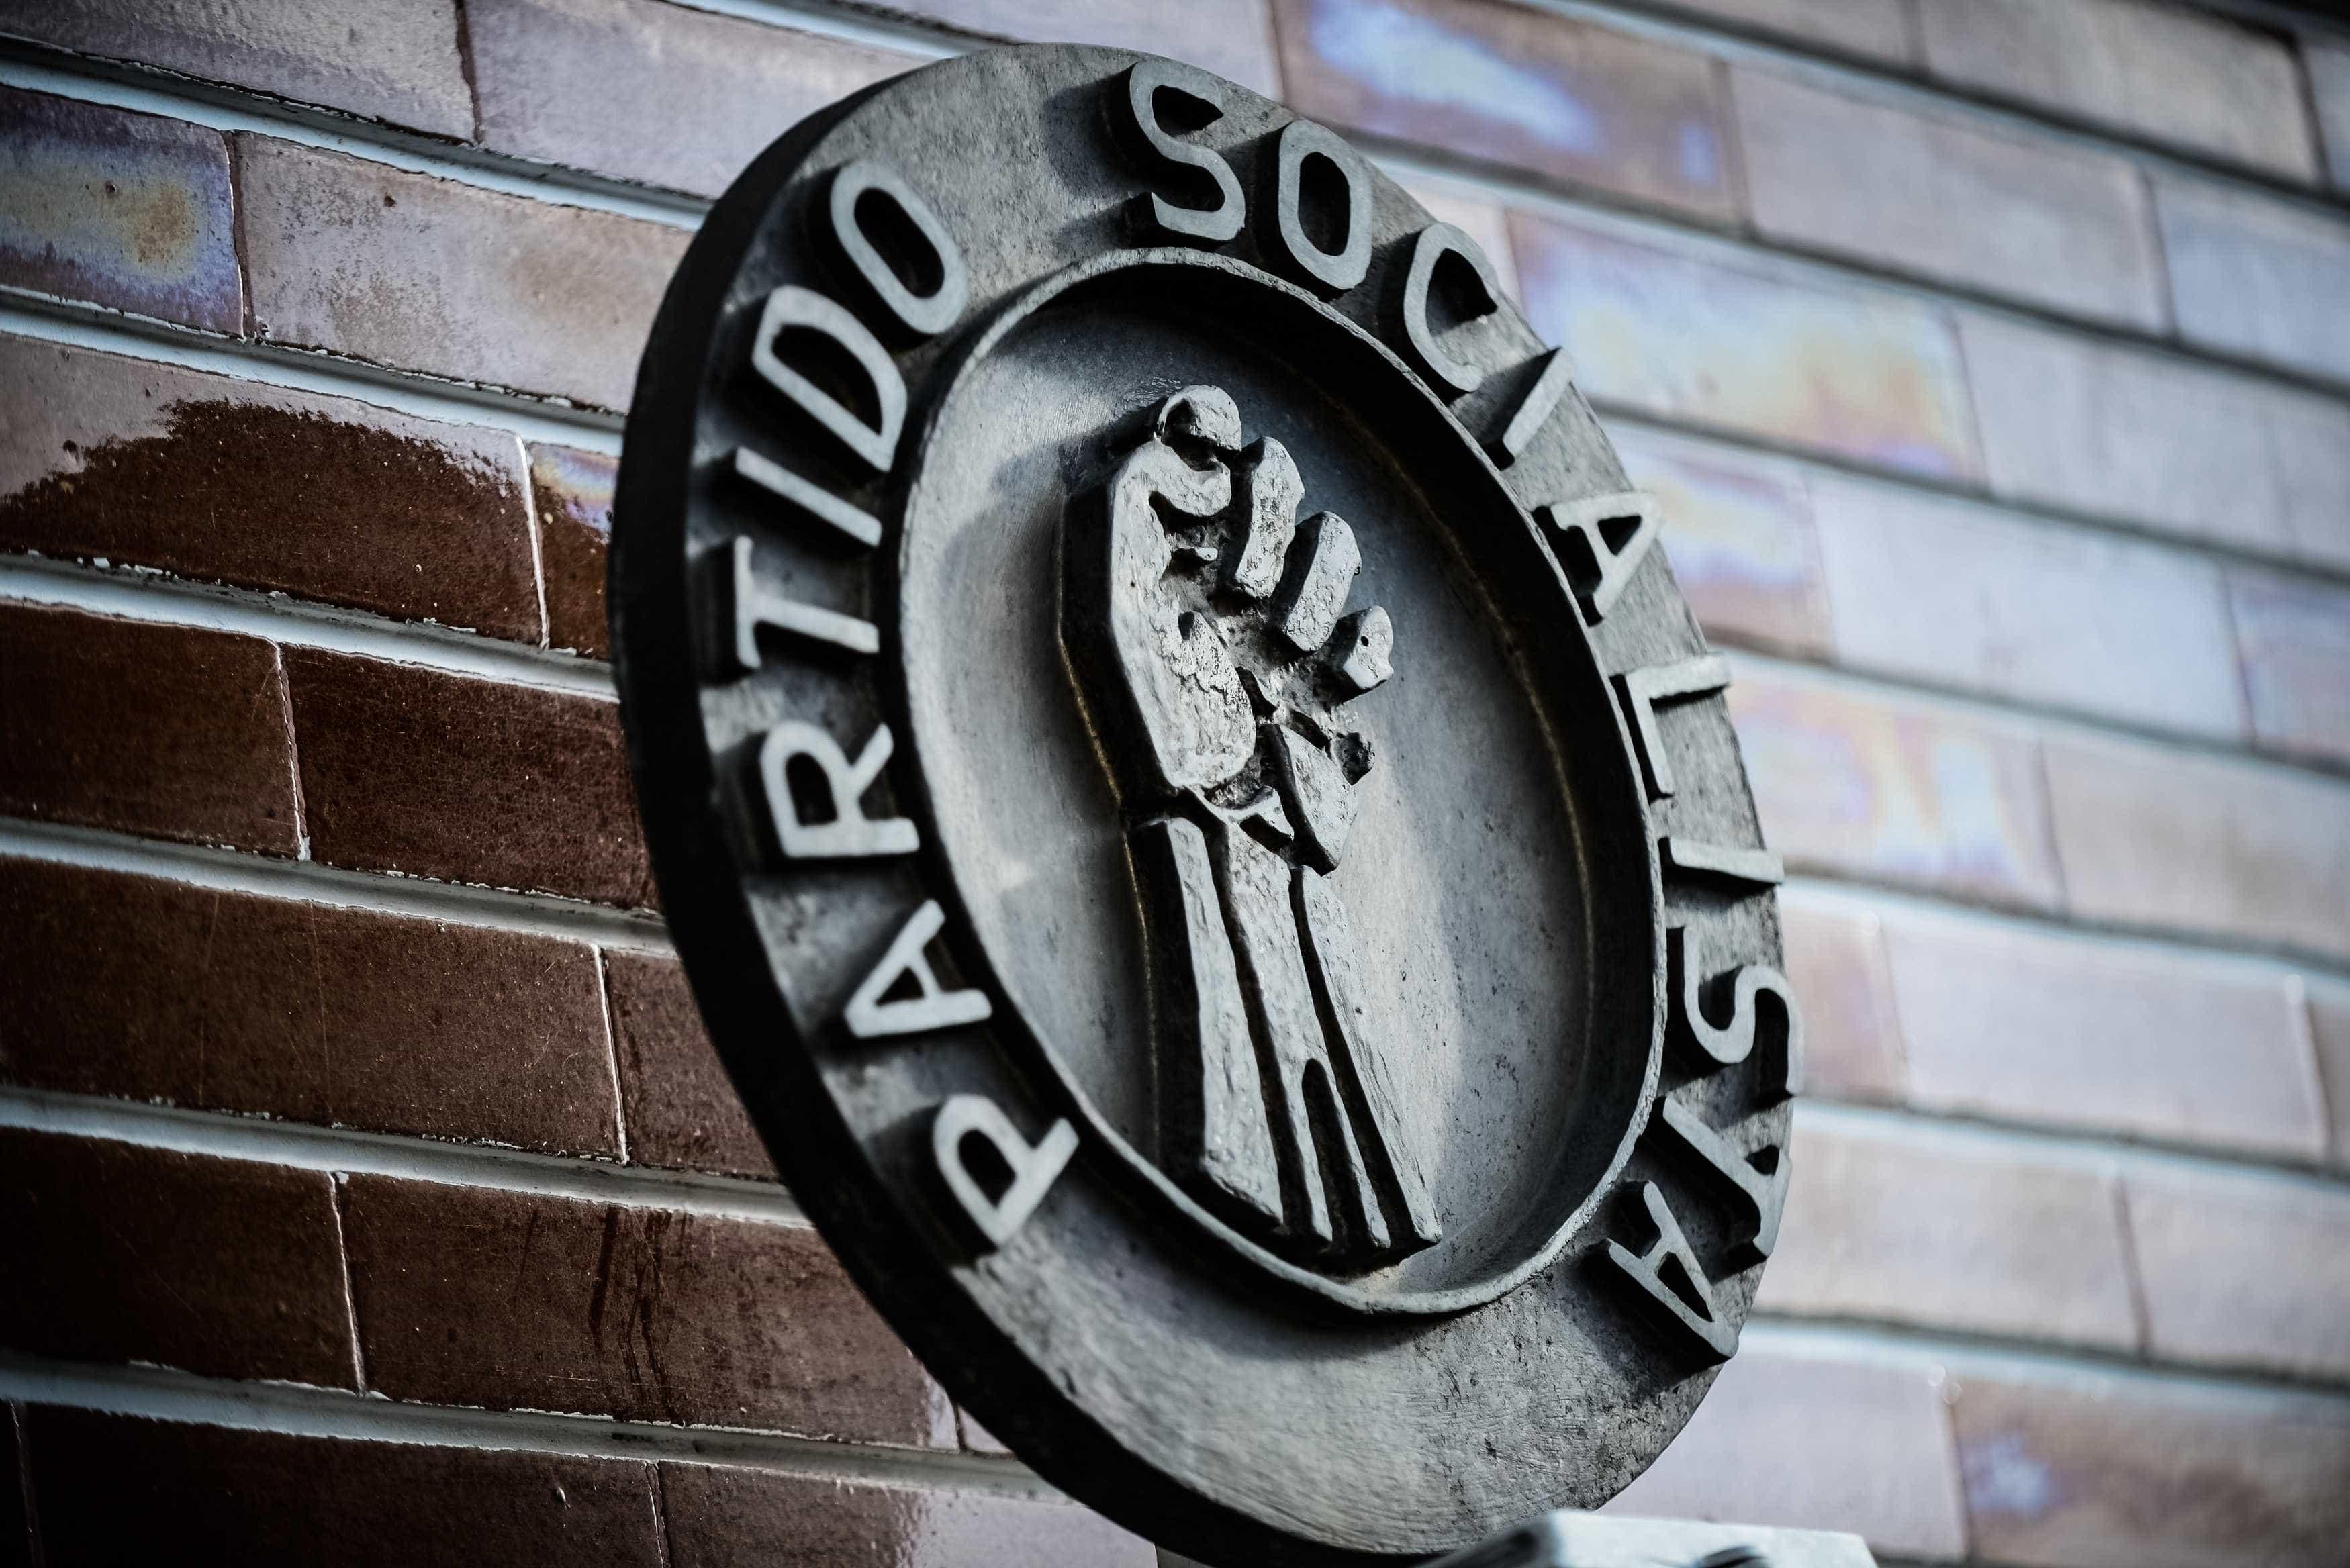 PS/Torres Vedras confia em autarca que assinou contrato com a sua empresa